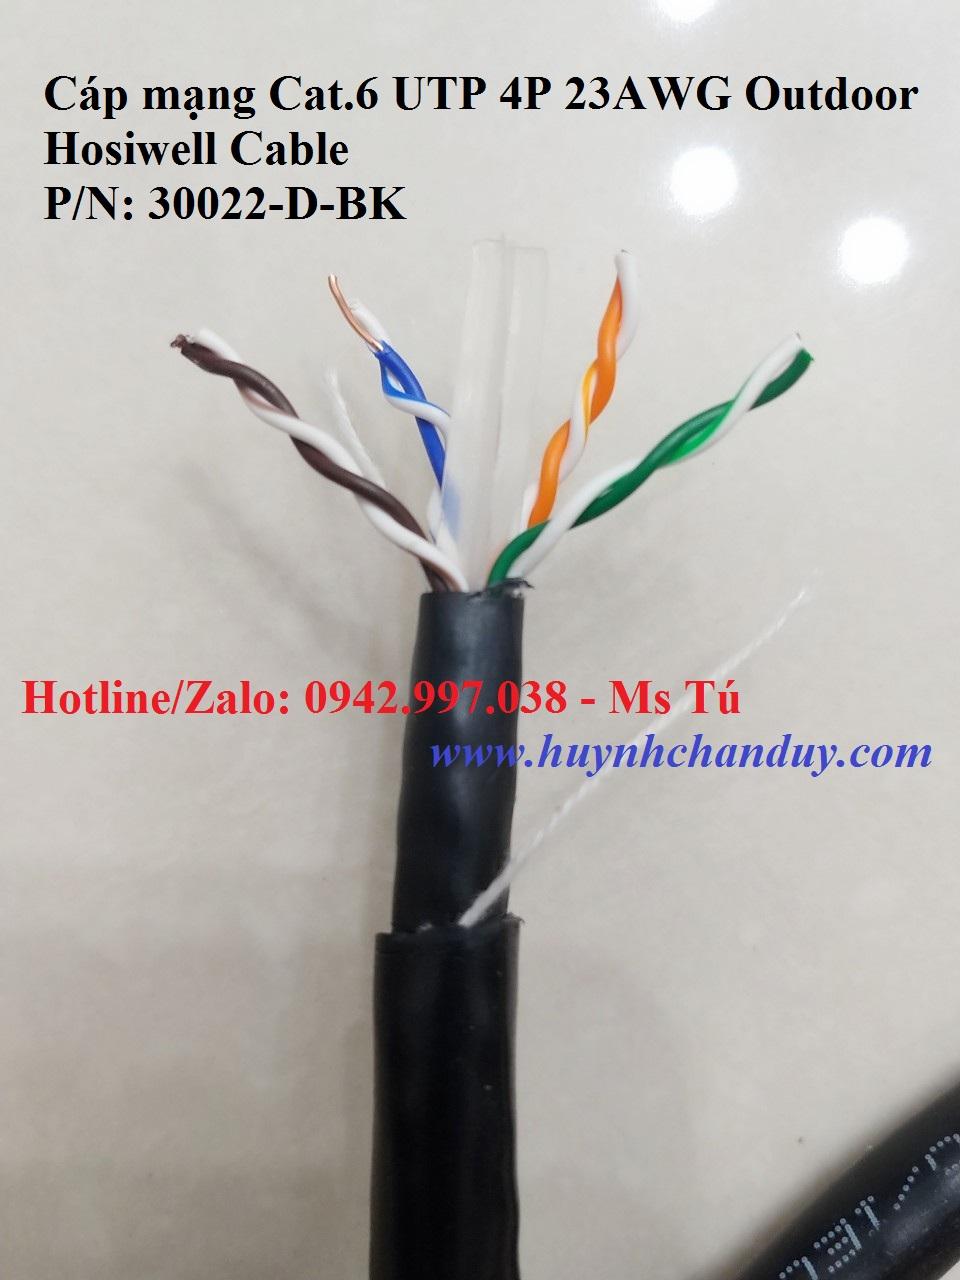 Cáp mạng LAN Cat.6 UTP Outdoor dùng ngoài trời, 305m/cuộn - P/N: 30022-D-BK